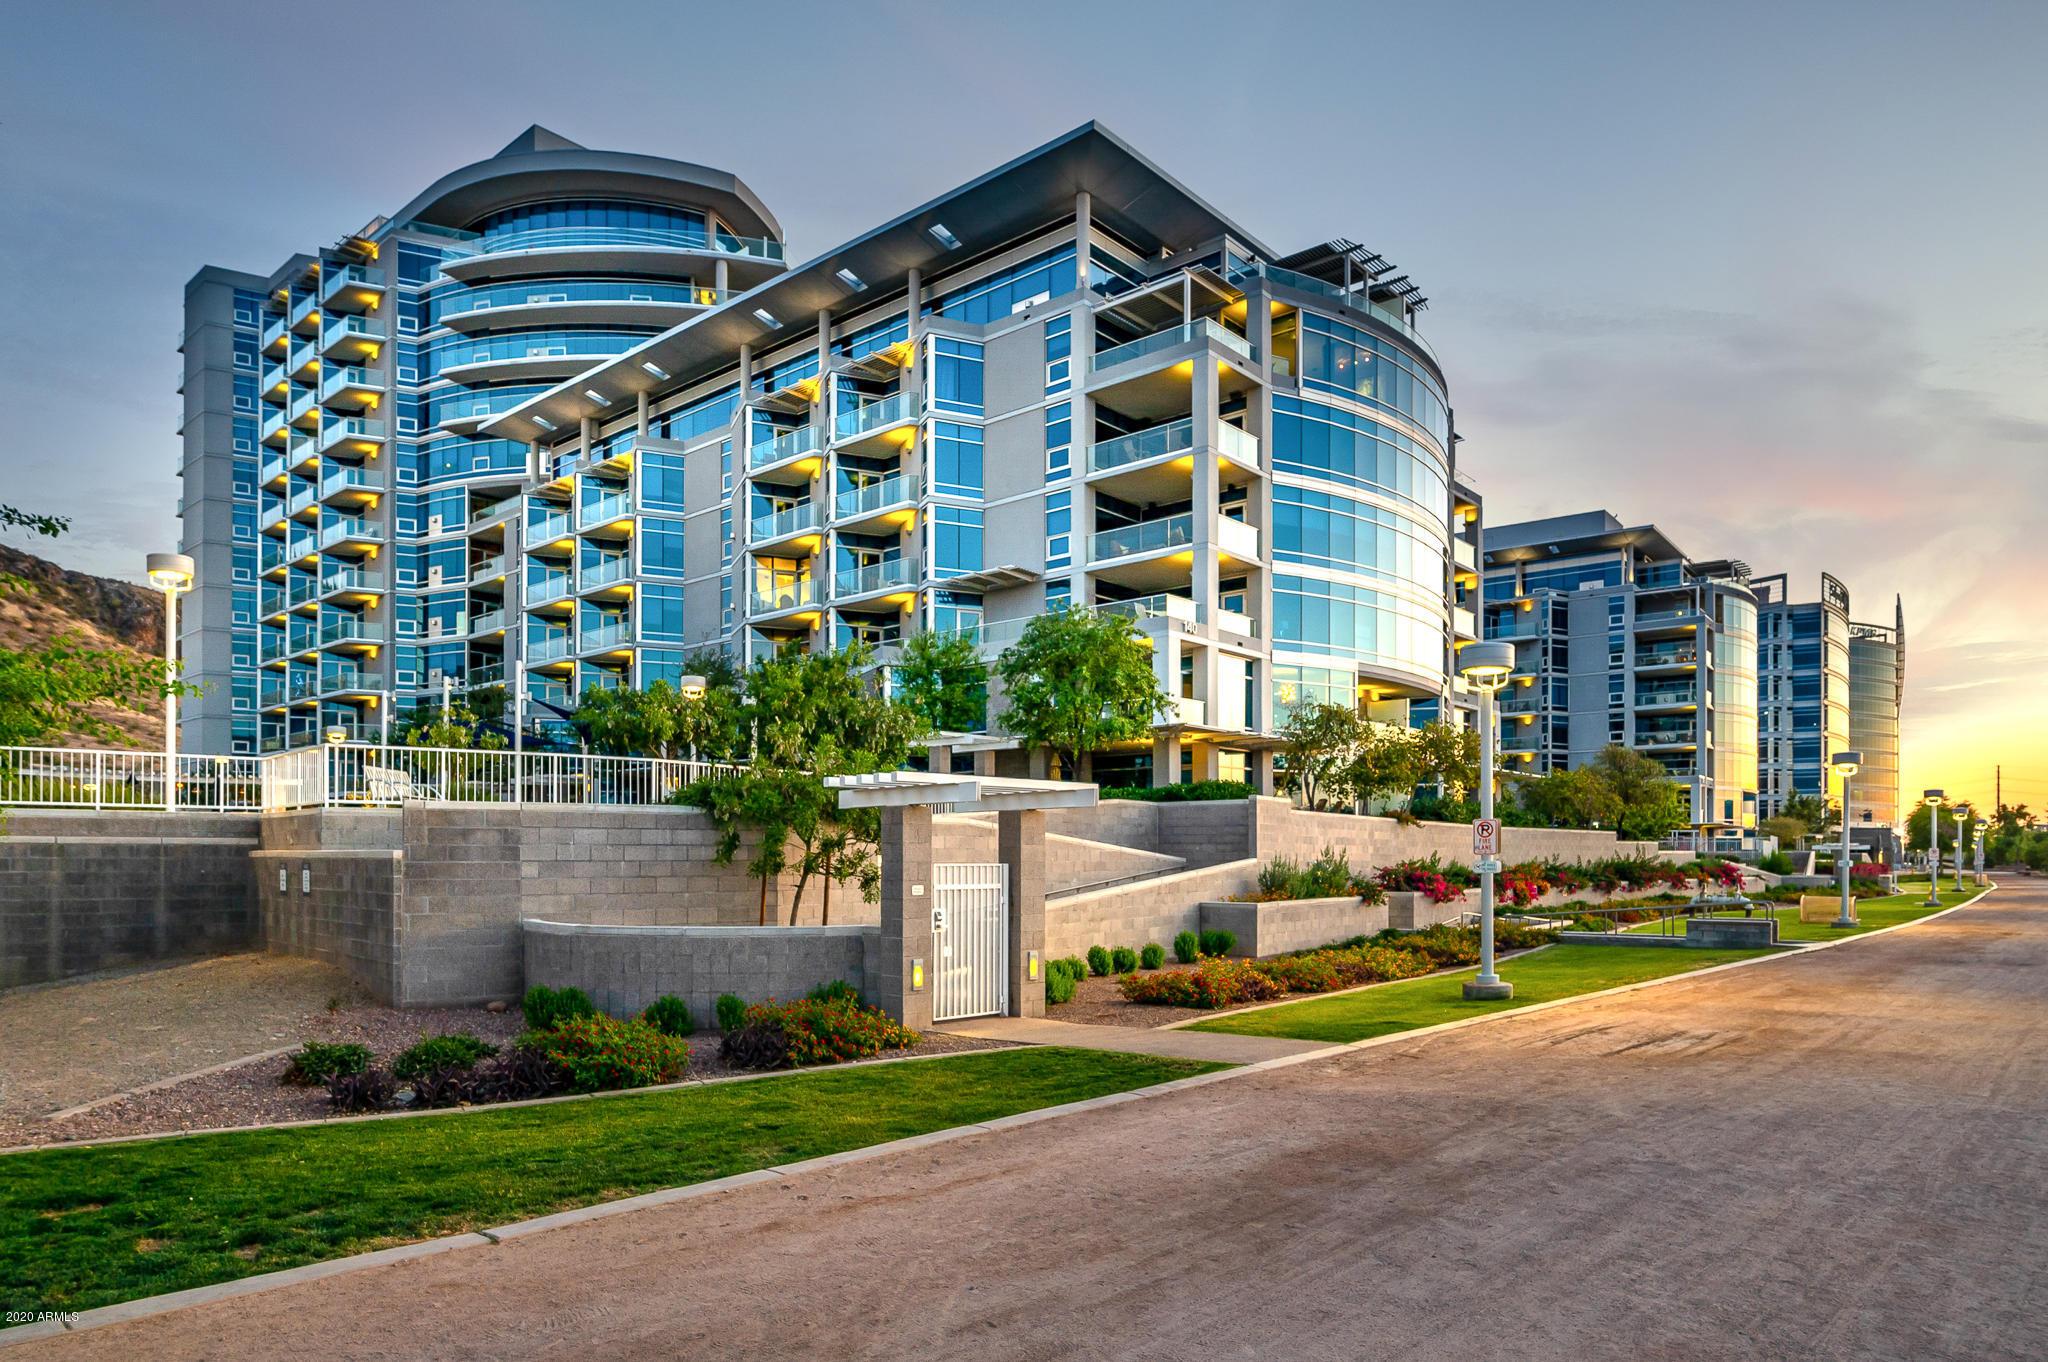 140 RIO SALADO Parkway, Tempe, Arizona 85281, 2 Bedrooms Bedrooms, ,2 BathroomsBathrooms,Residential,For Sale,RIO SALADO,6141388